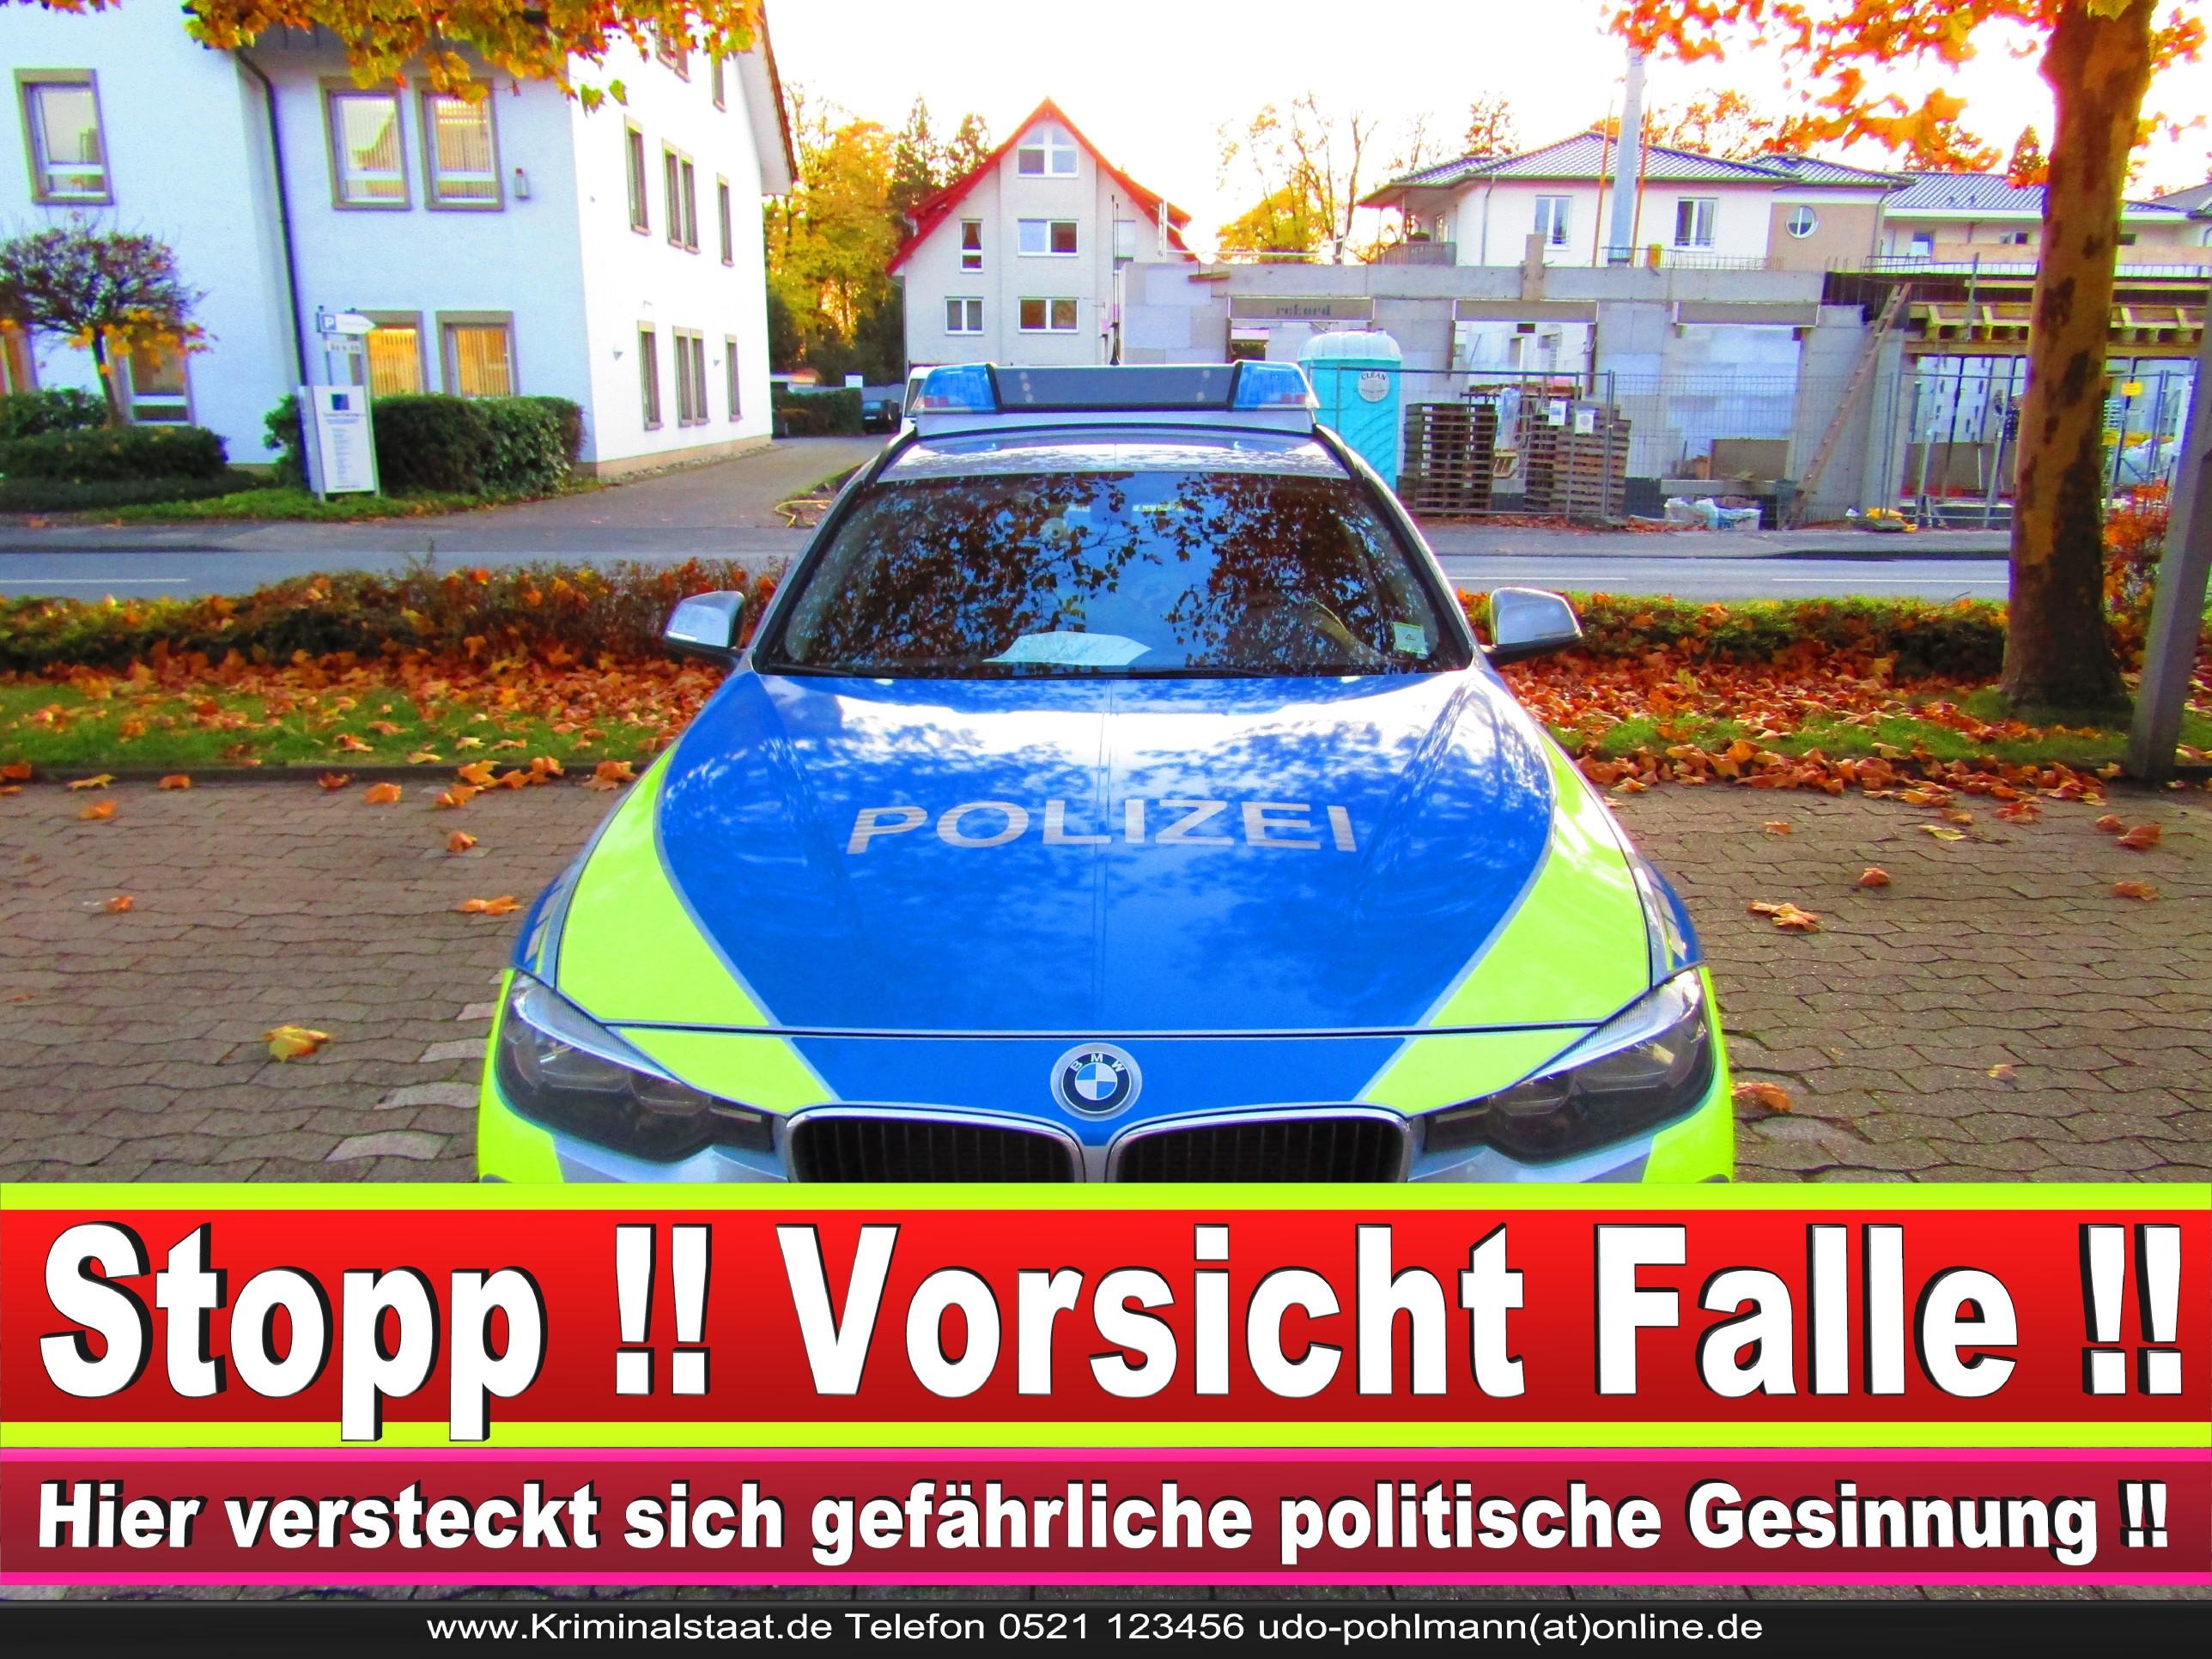 CDU Steinhagen Halle Harsewinkel Gütersloh Bielefeld Polizeirevier Polizisten Verurteilt Drogen Urteil Strafe Korruption Verbrechen Mafia Organisierte Kriminalität (1)